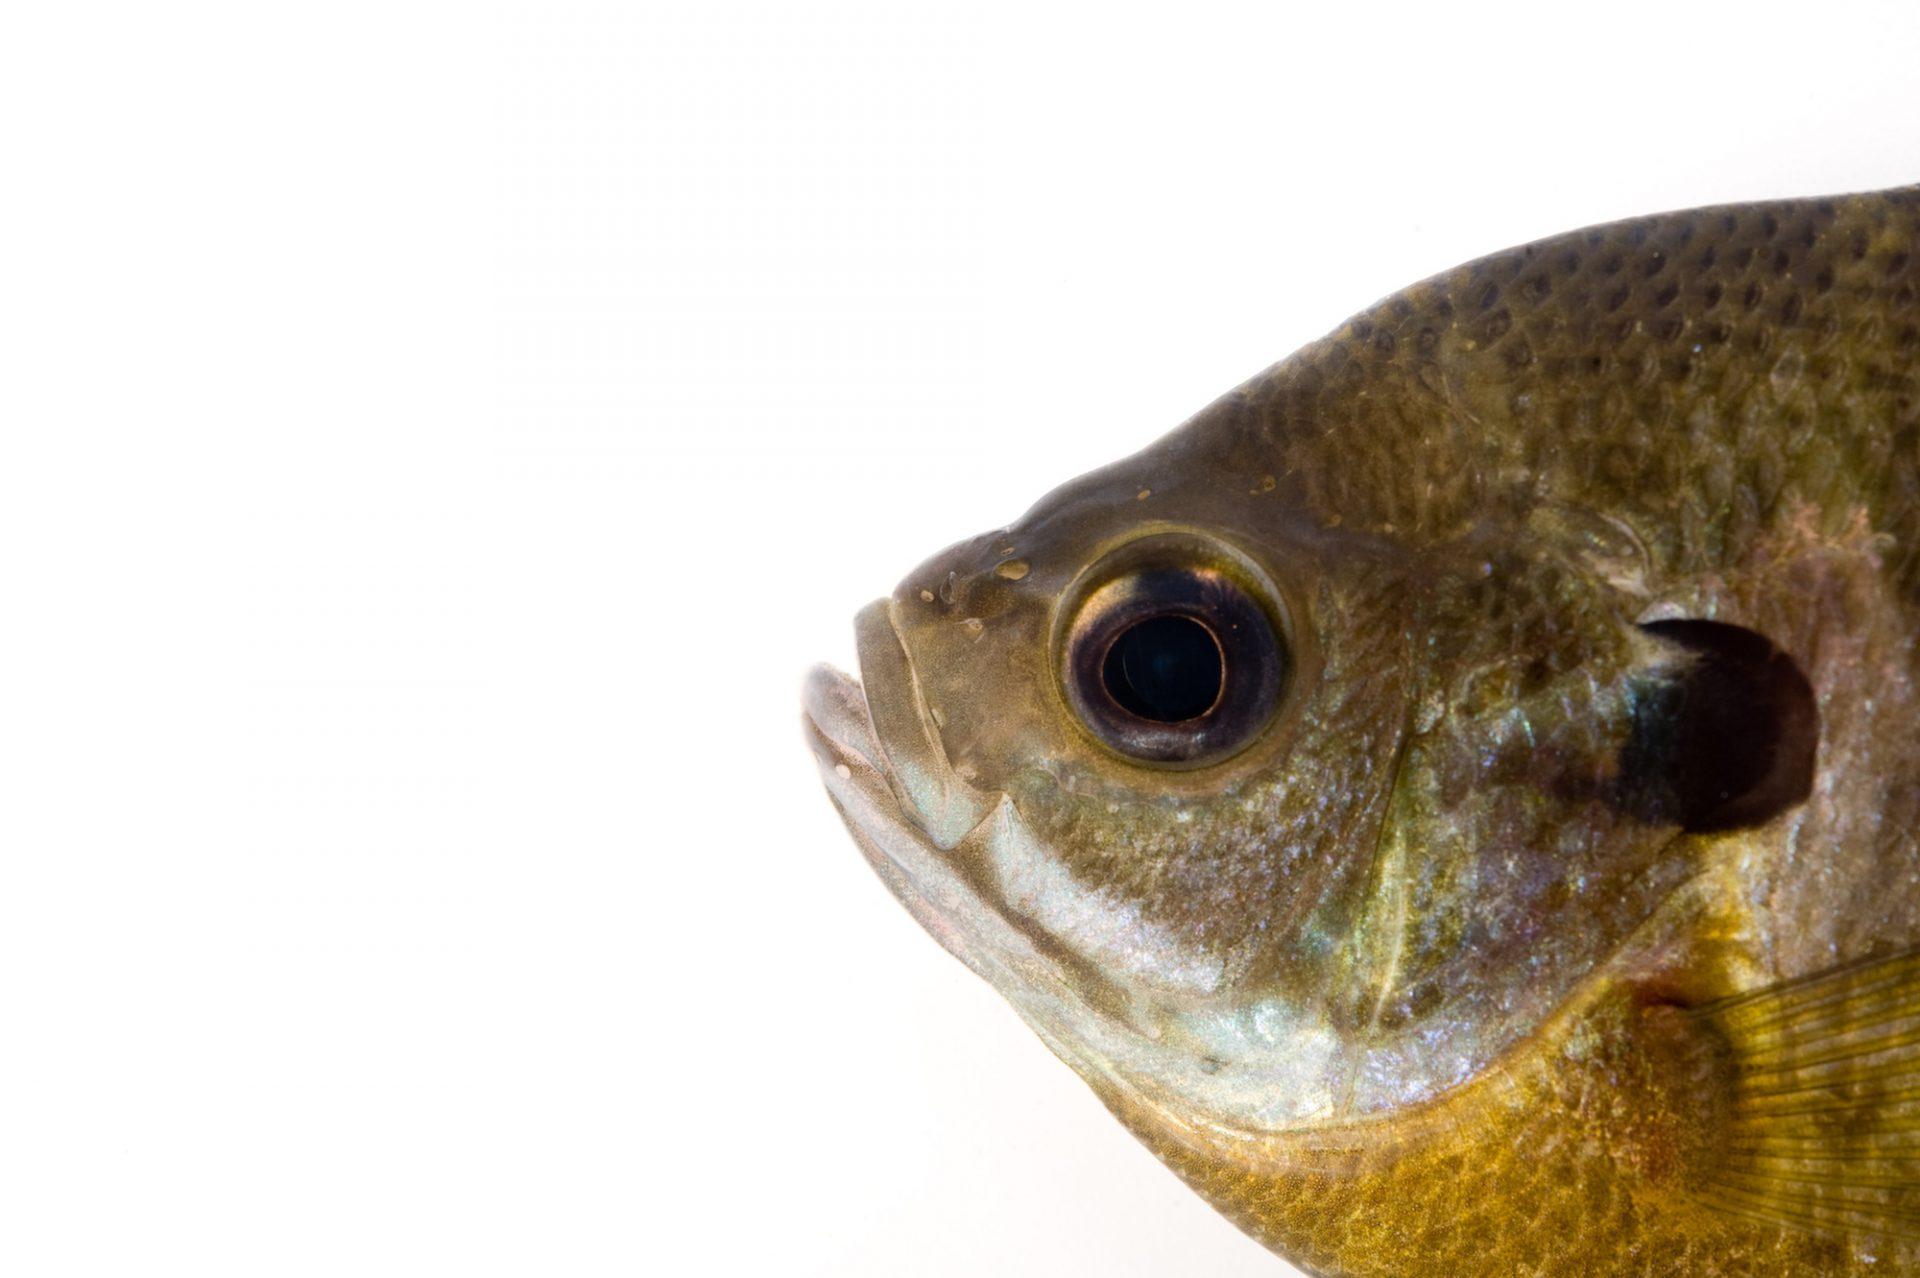 Lepomis Macrochirus